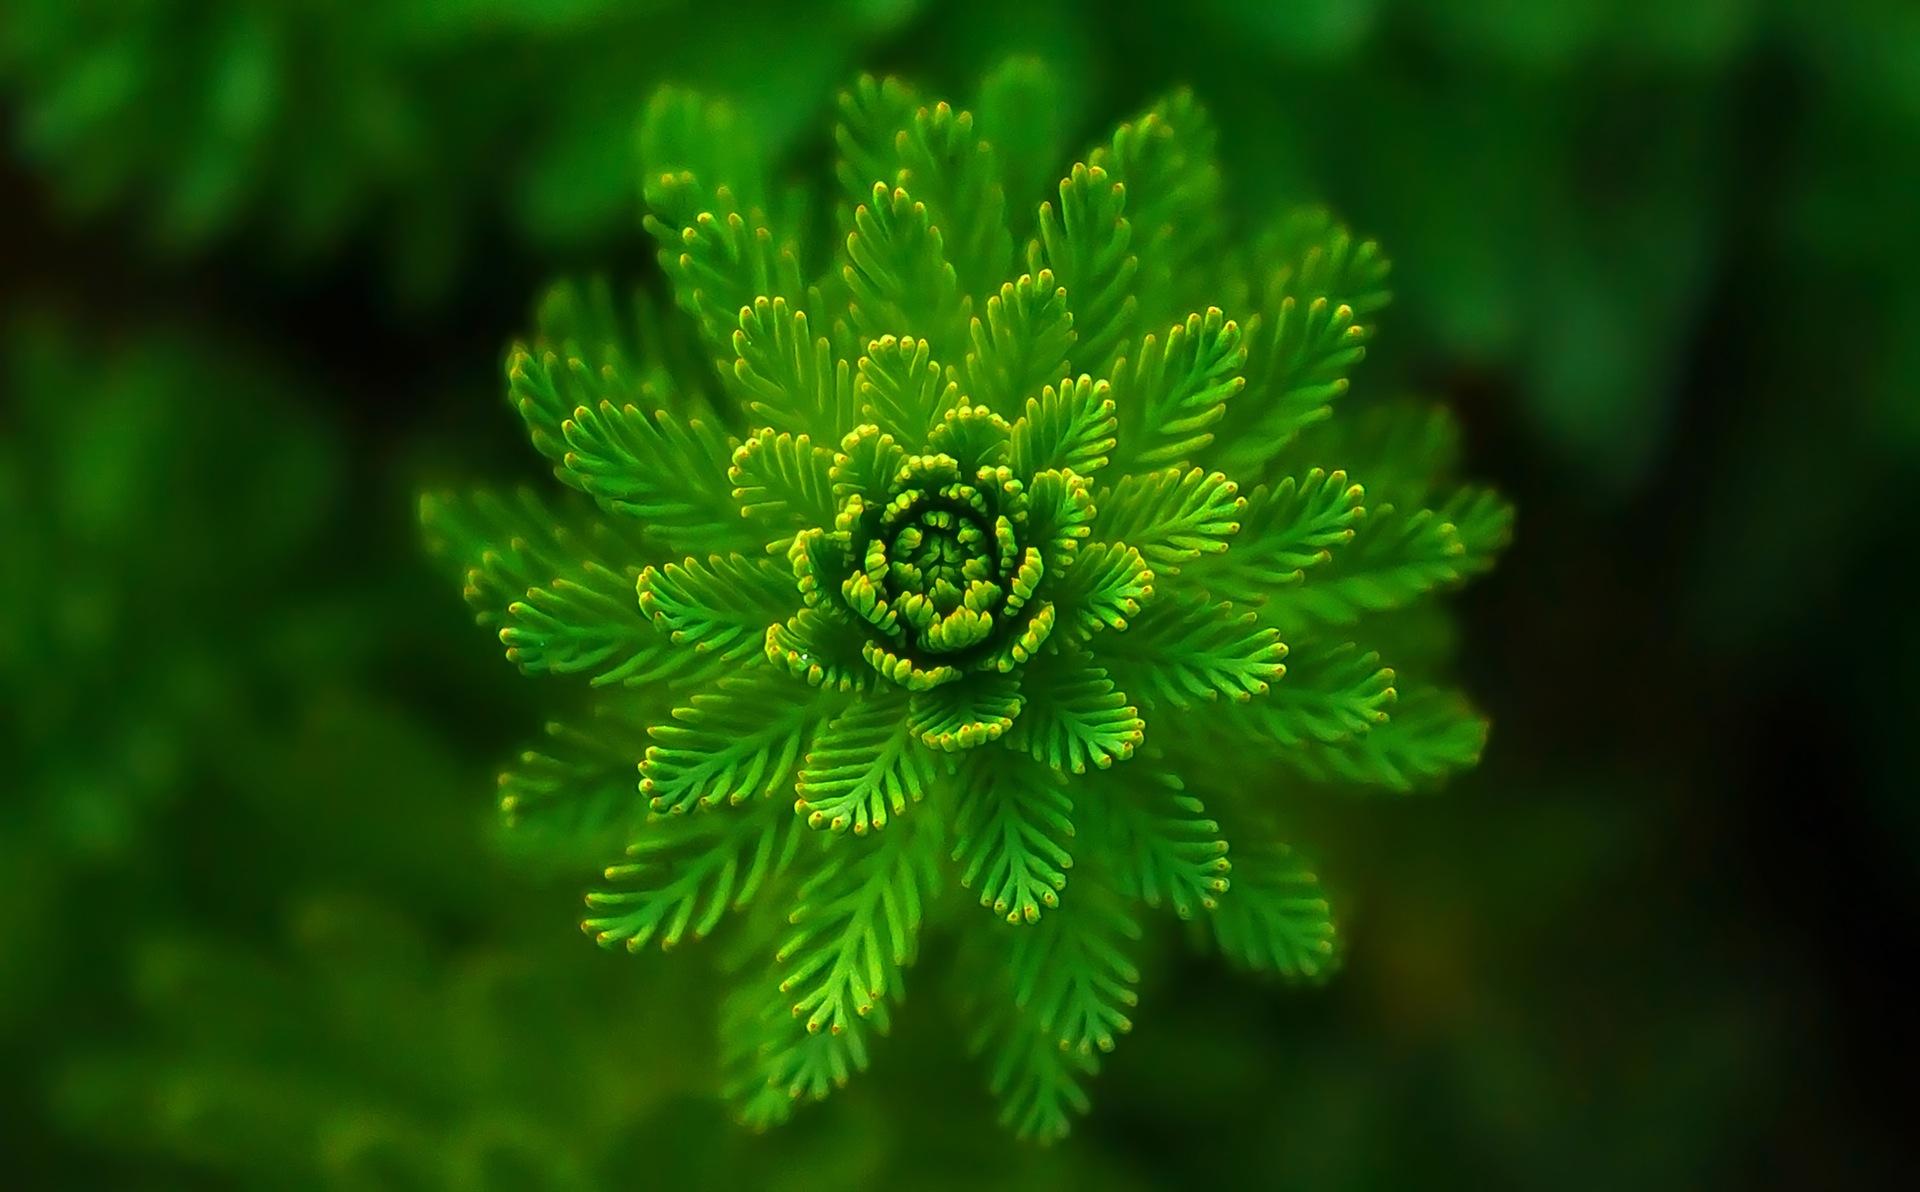 водные растения, Первый этаж, Грин, геометрия, совершенство - Обои HD - Профессор falken.com